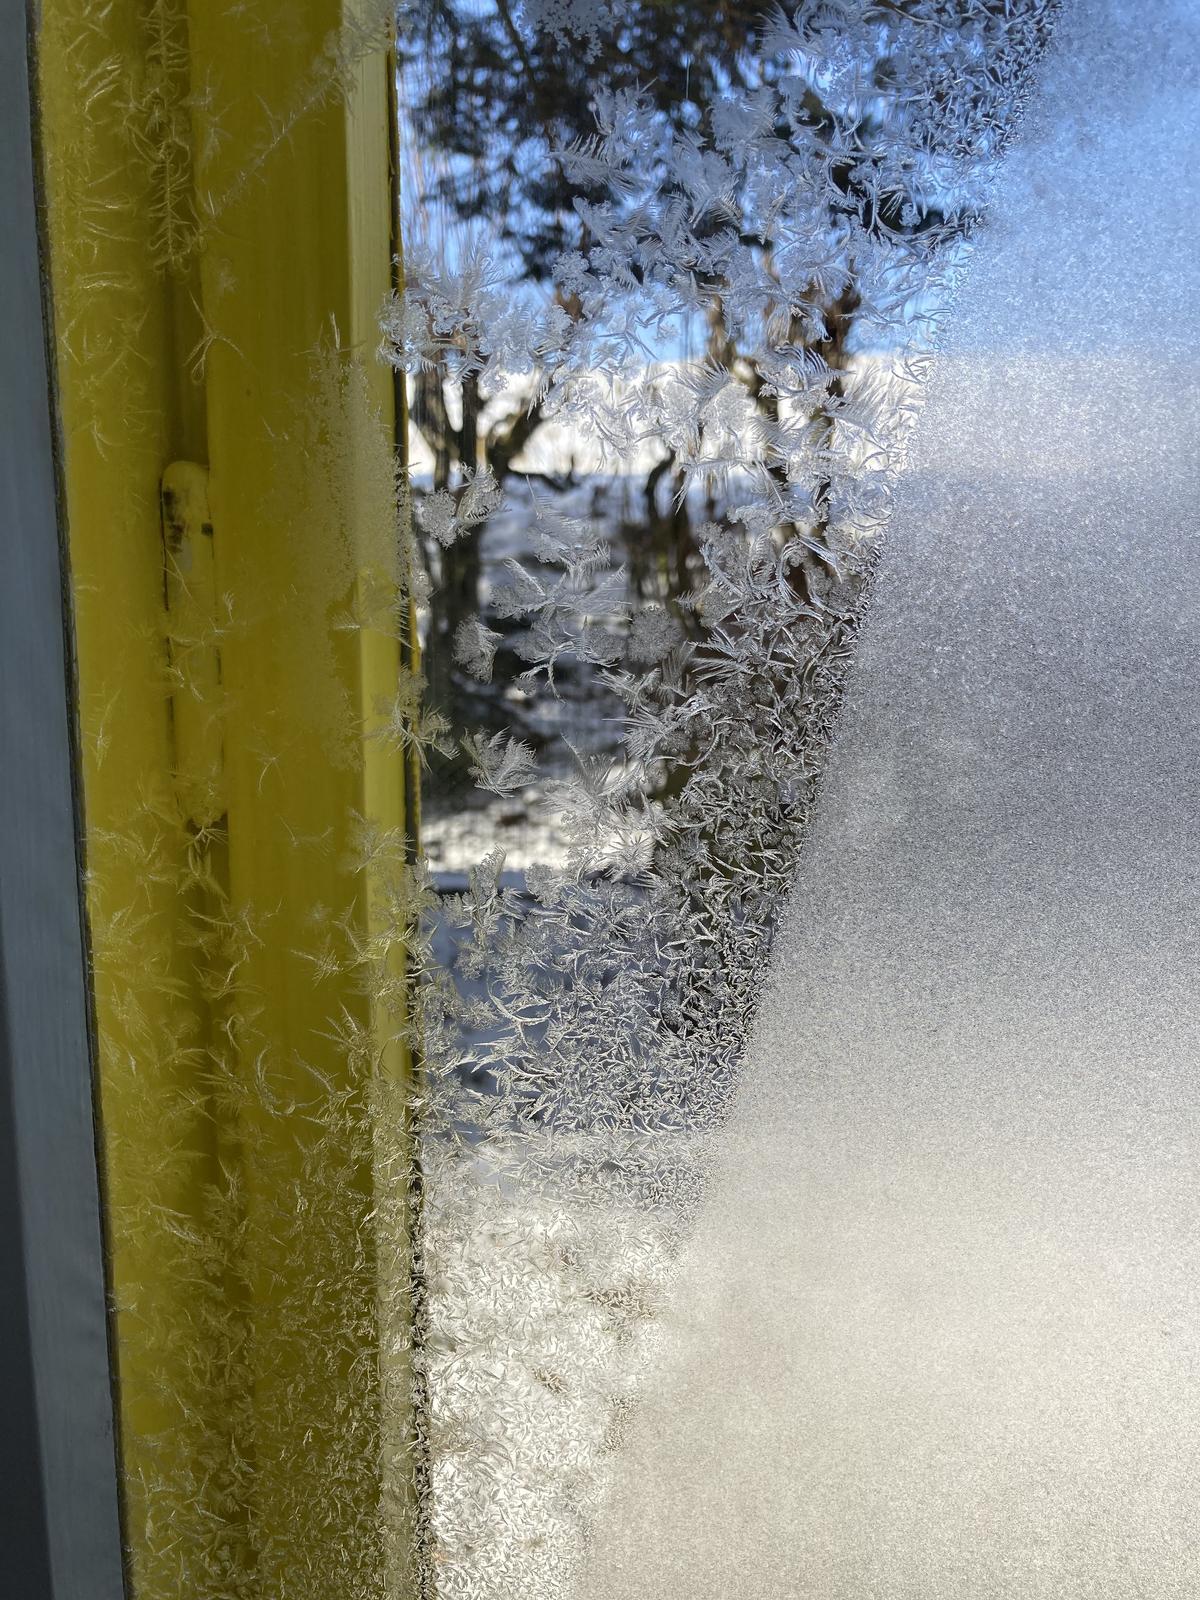 Dom - ráno sme našli takéto, už zriedkavé, malovanie na oknách ❤️